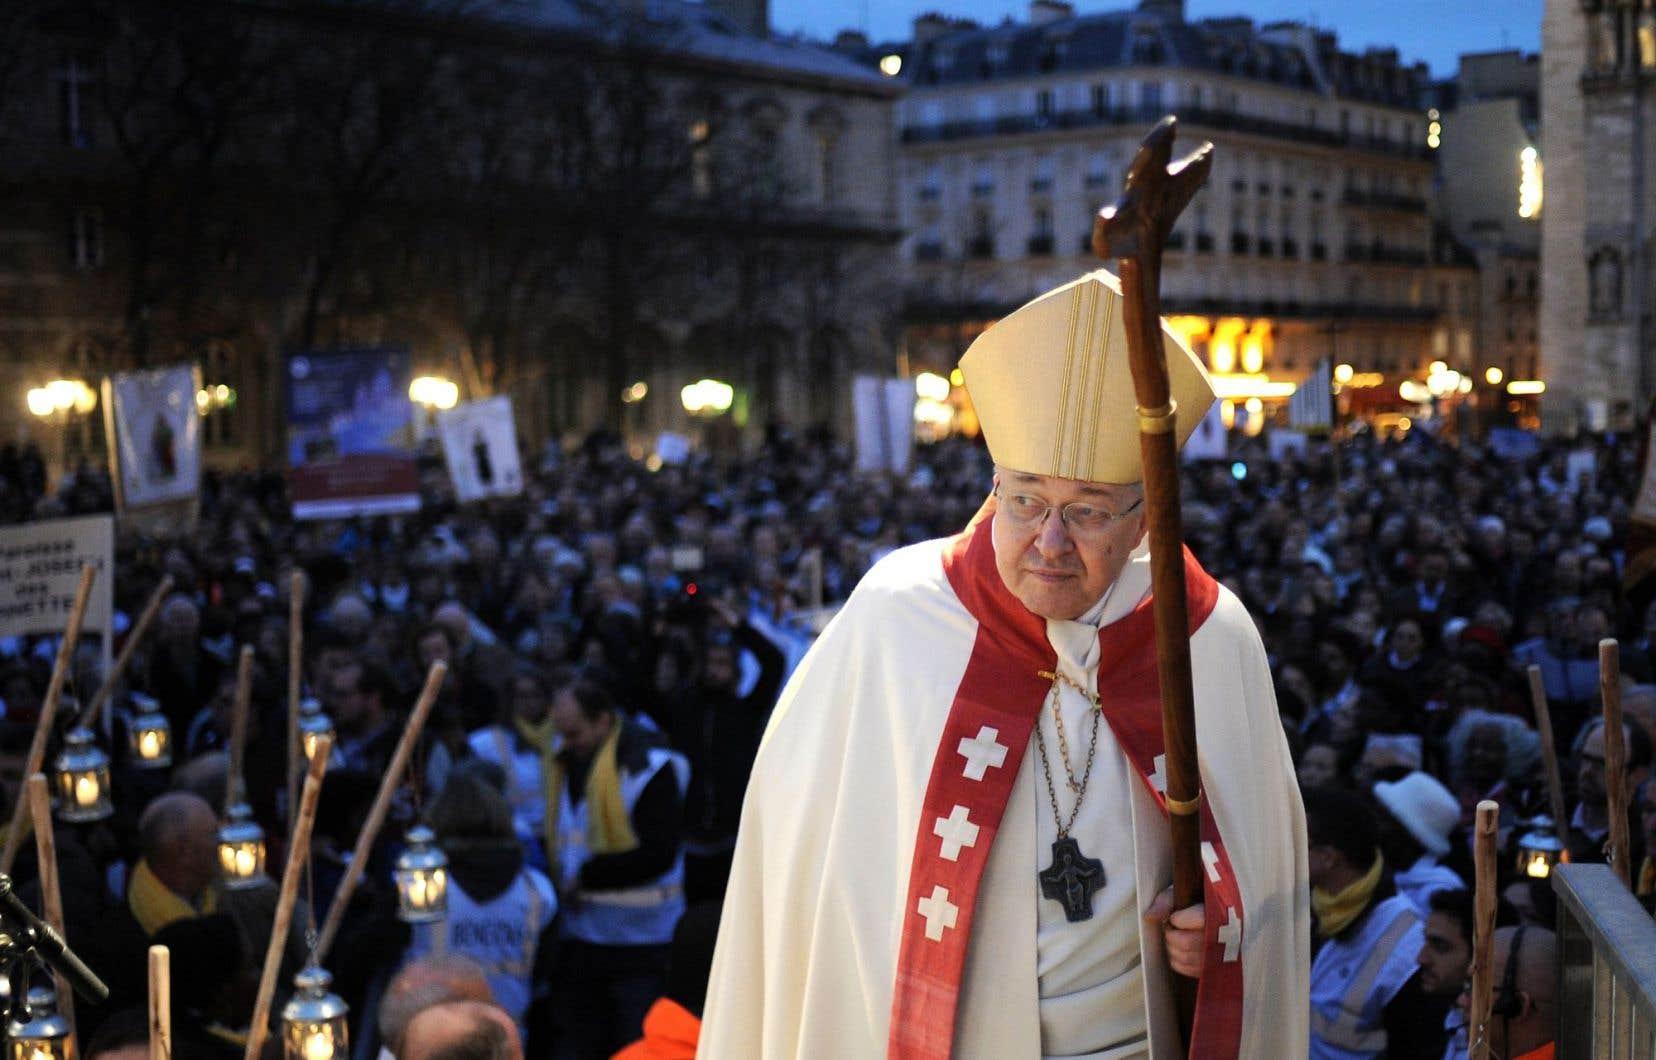 Le 22novembre, le cardinal André Vingt-Trois était présent à l'inauguration du sapin devant la cathédrale Notre-Dame de Paris, sapin qui a été offert par la Russie dans un geste diplomatique et politique.